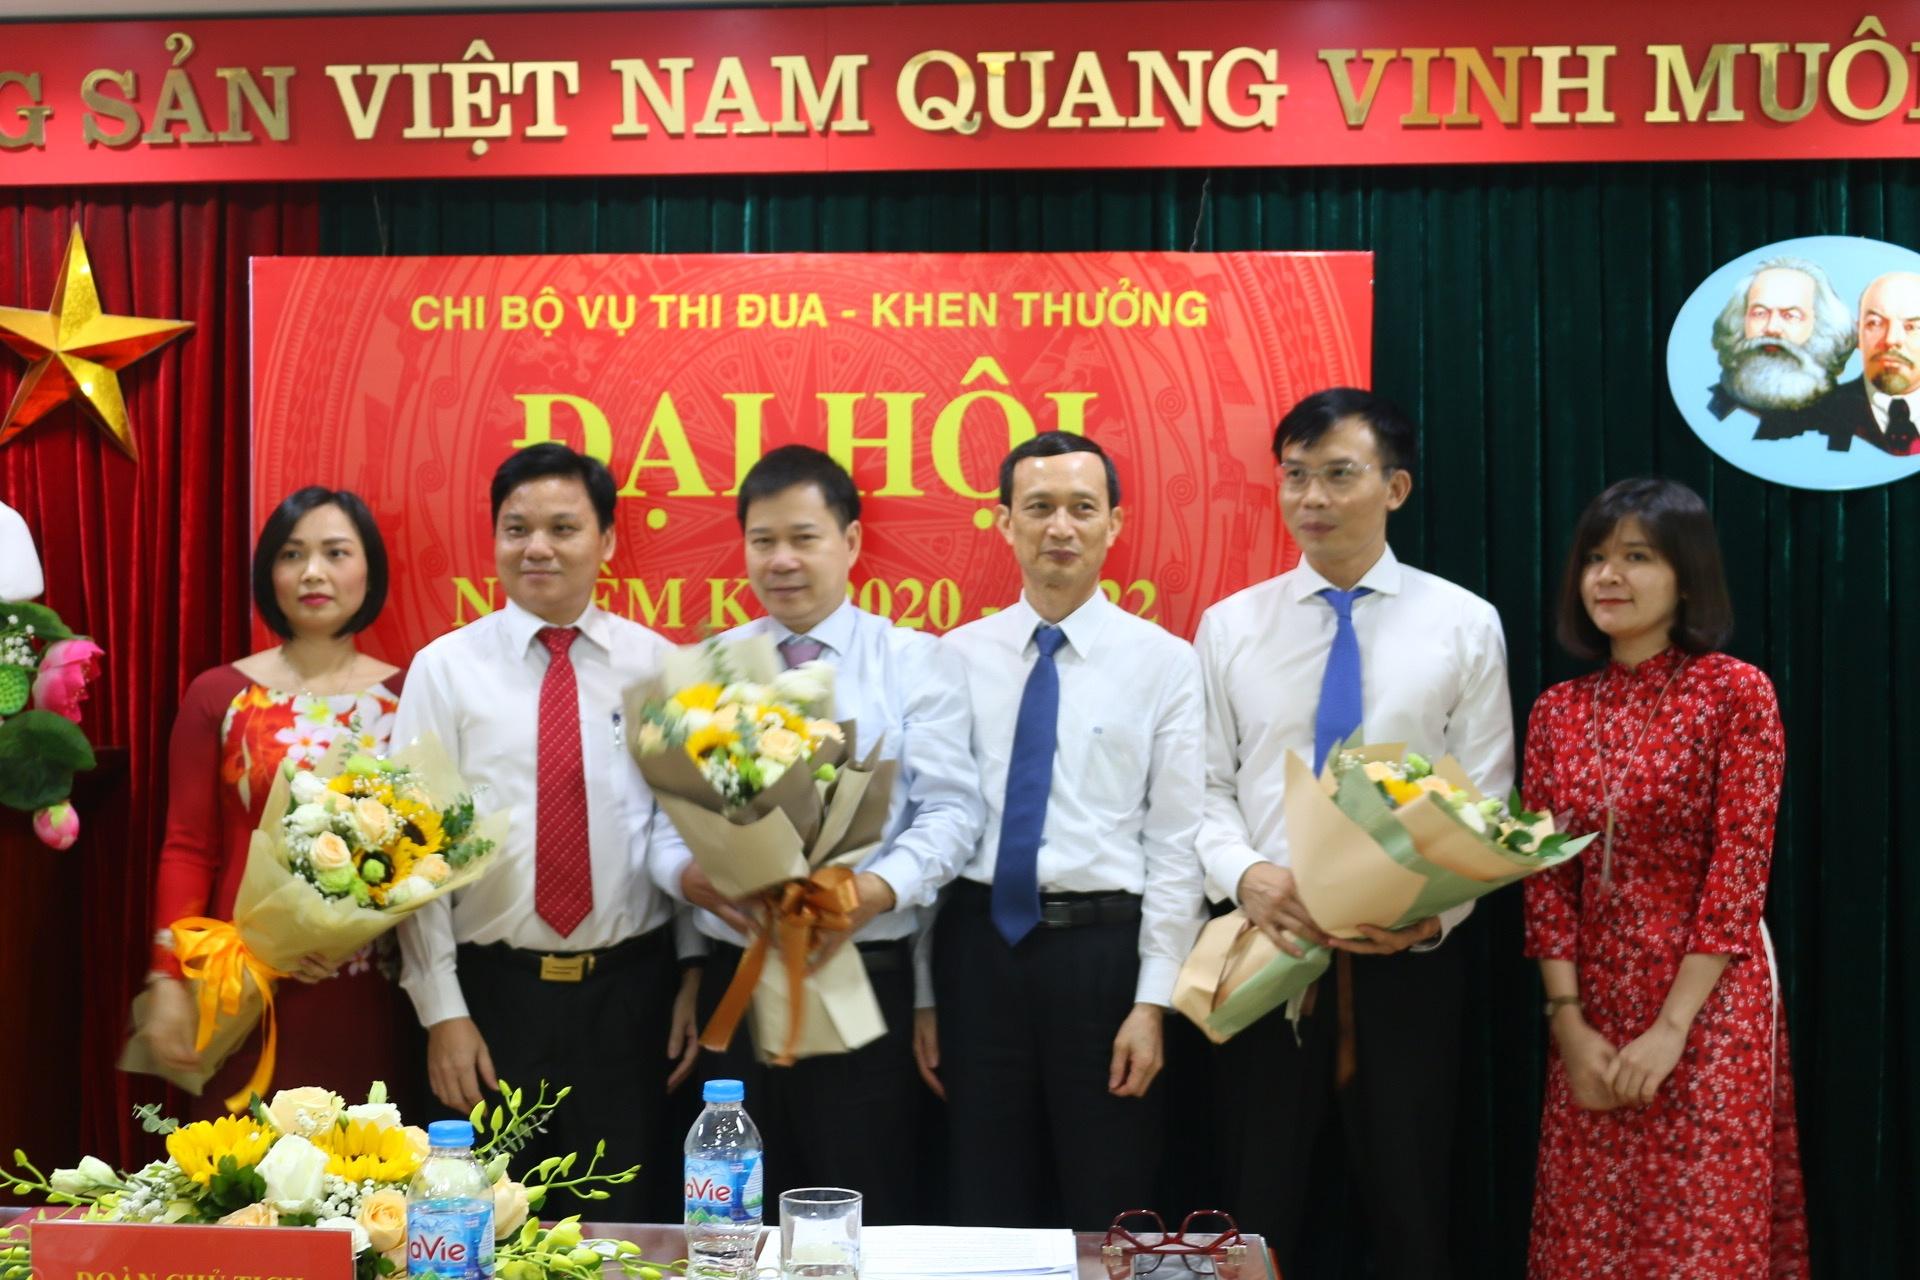 dai hoi chi bo vu thi dua khen thuong nhiem ky 2020 2022